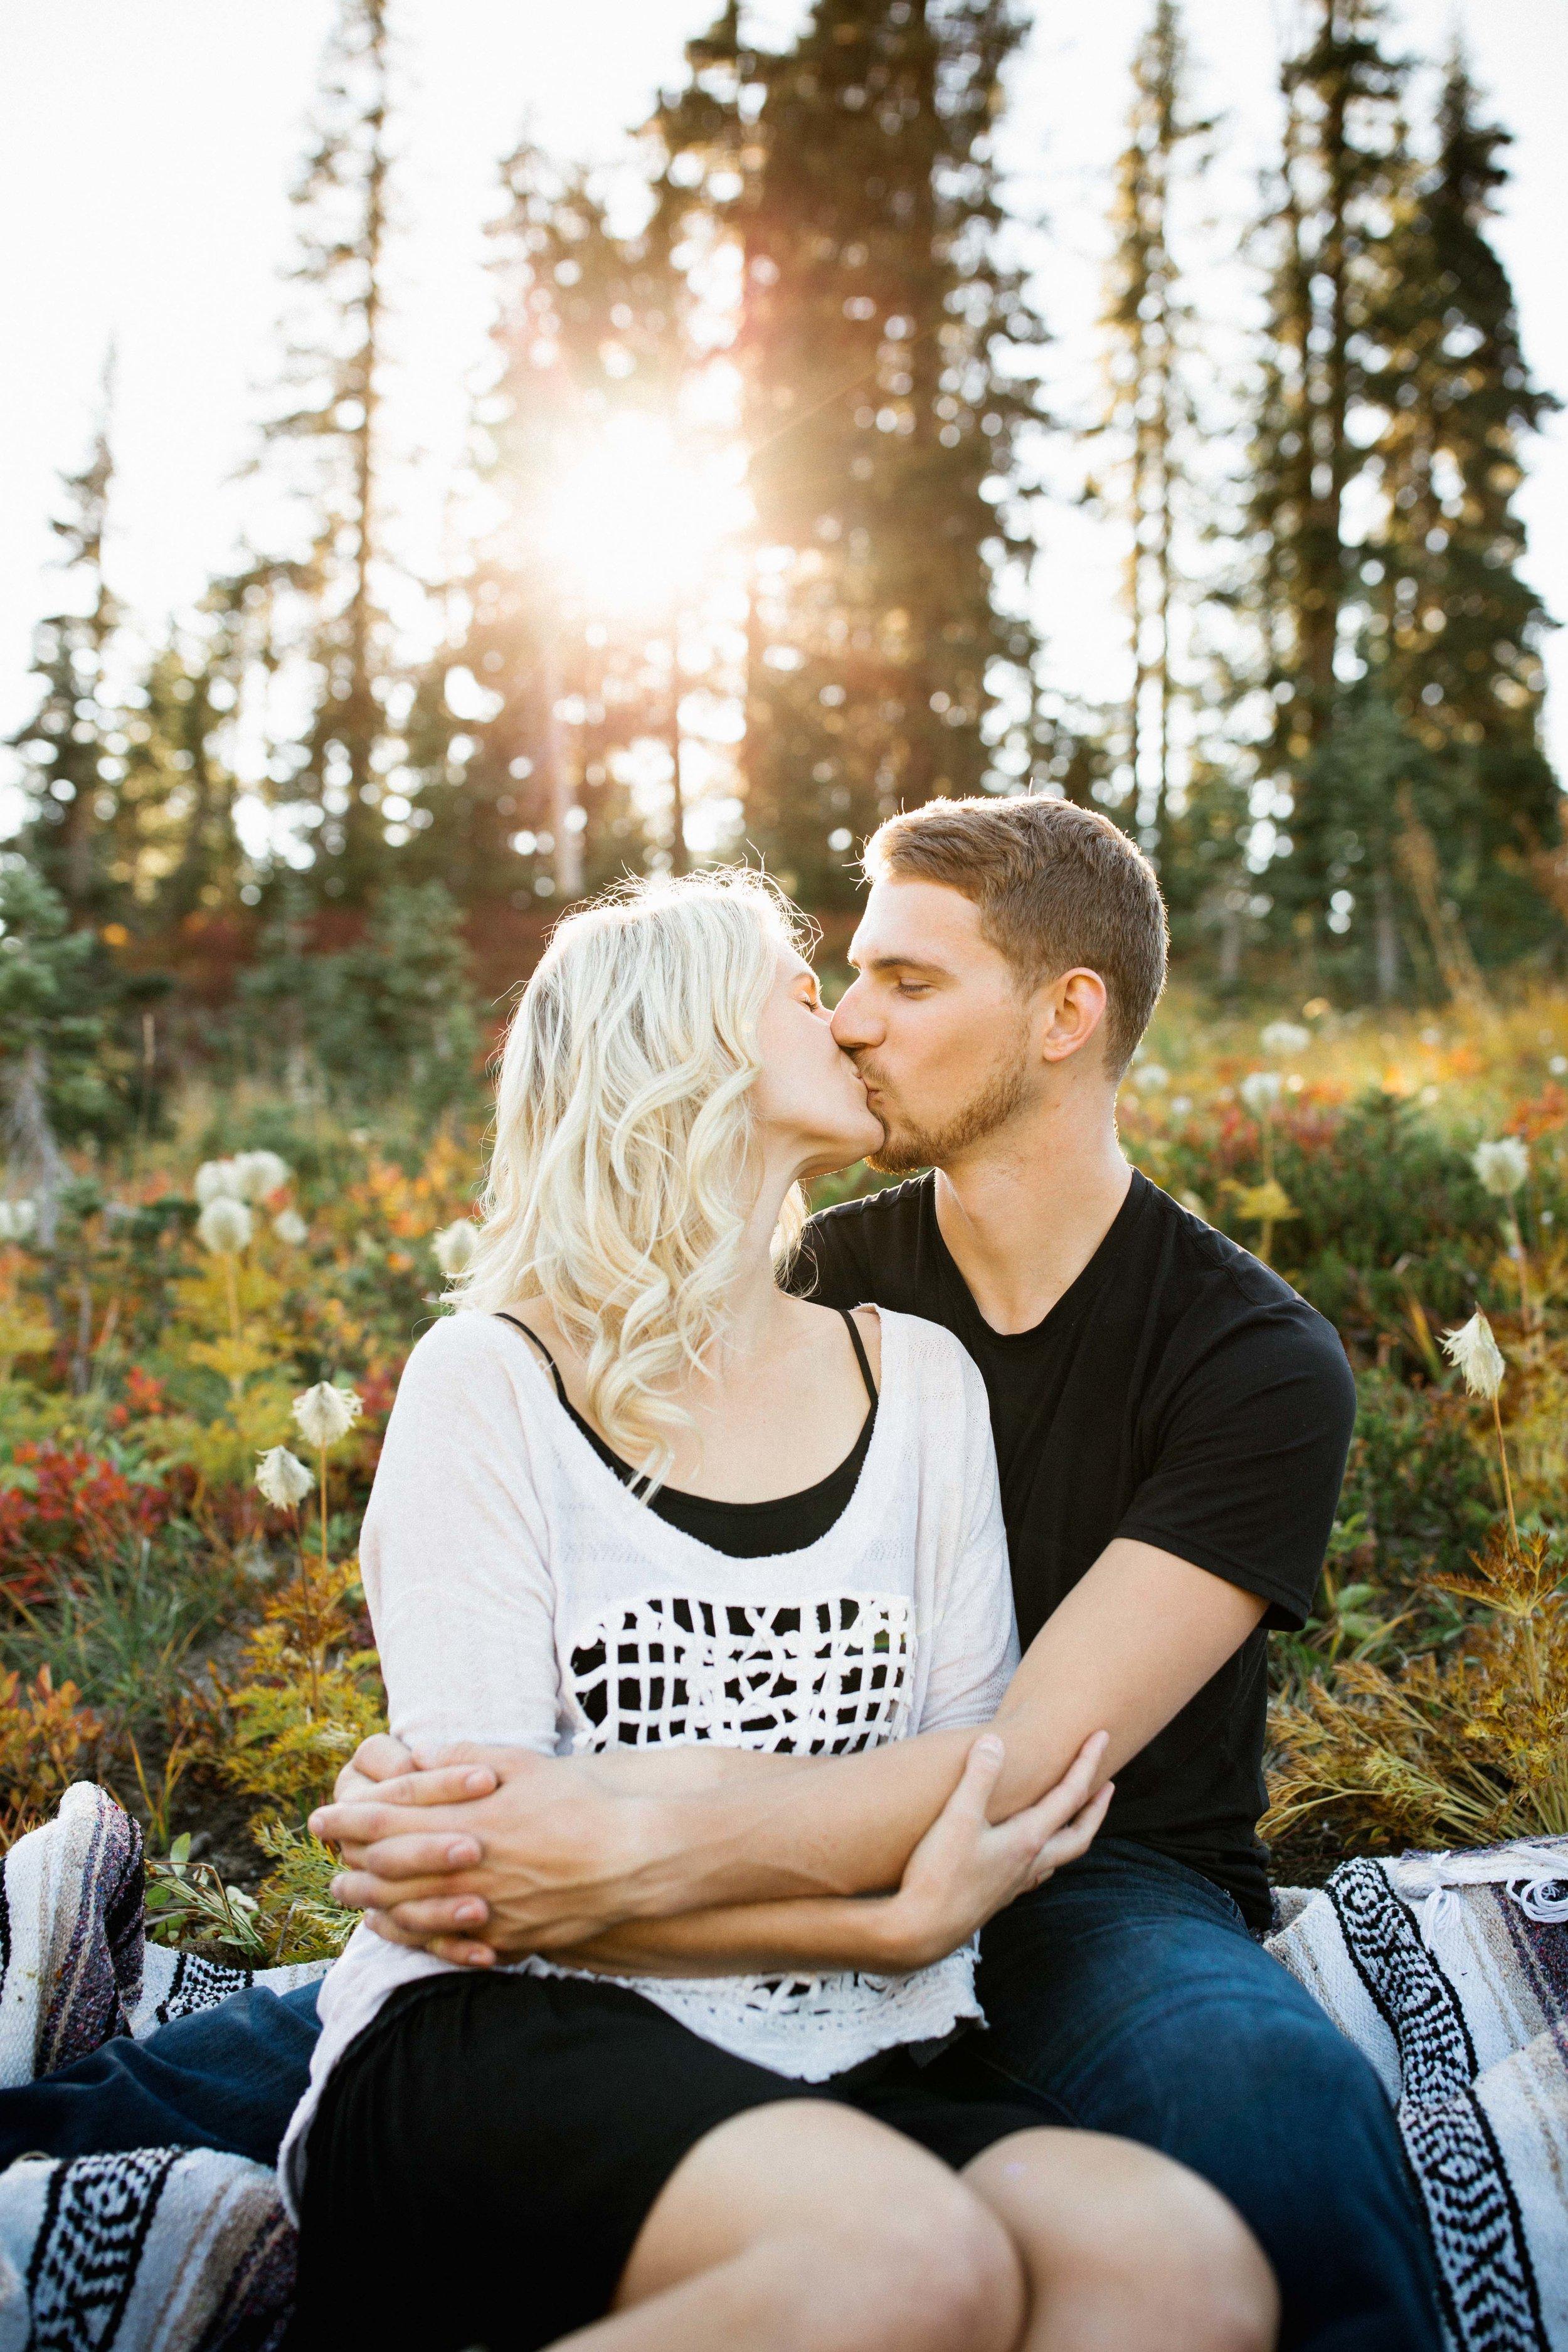 Alexis&Kyle-Engaged!BLOG-52.jpg